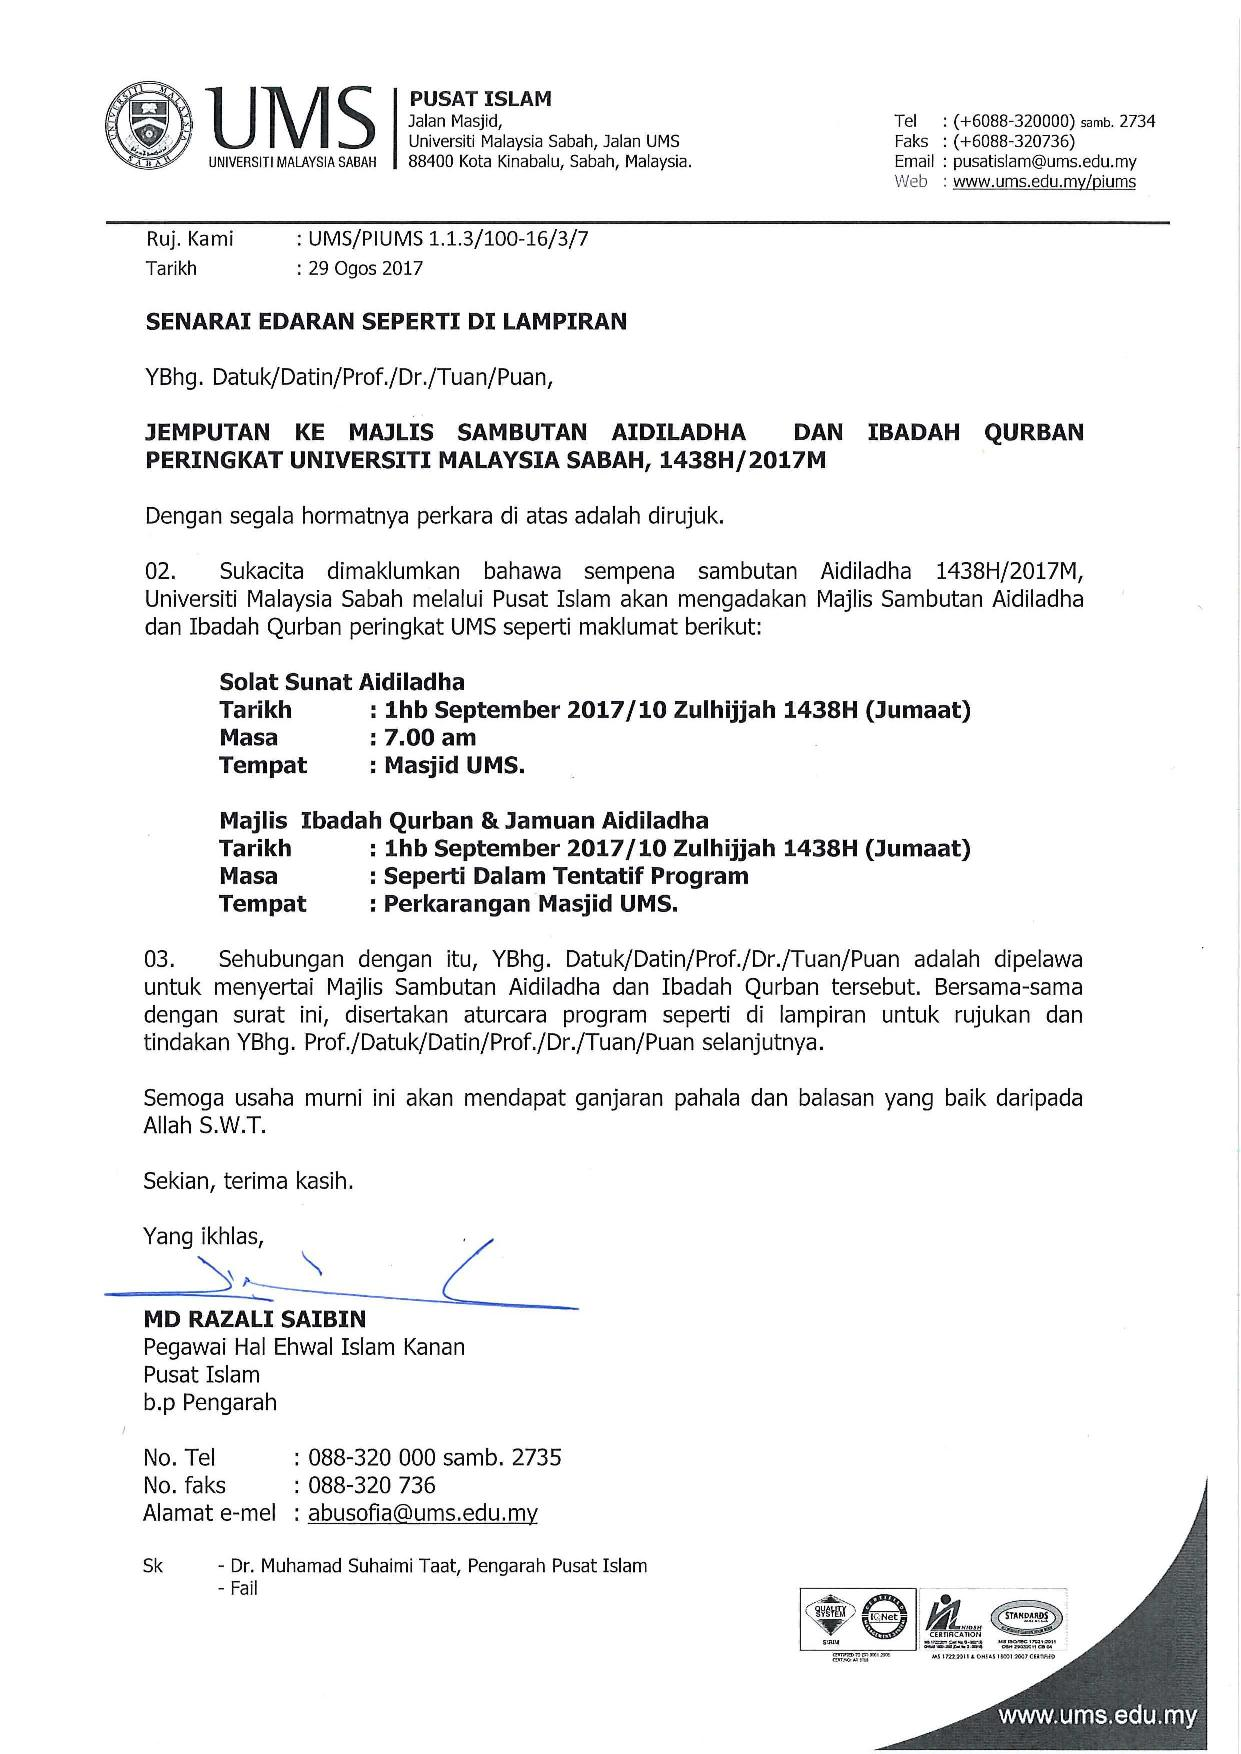 Jemputan Ke Majlis Sambutan Aidiladha Dan Ibadah Korban Peringkat Universiti Malaysia Sabah 1438h 2017m